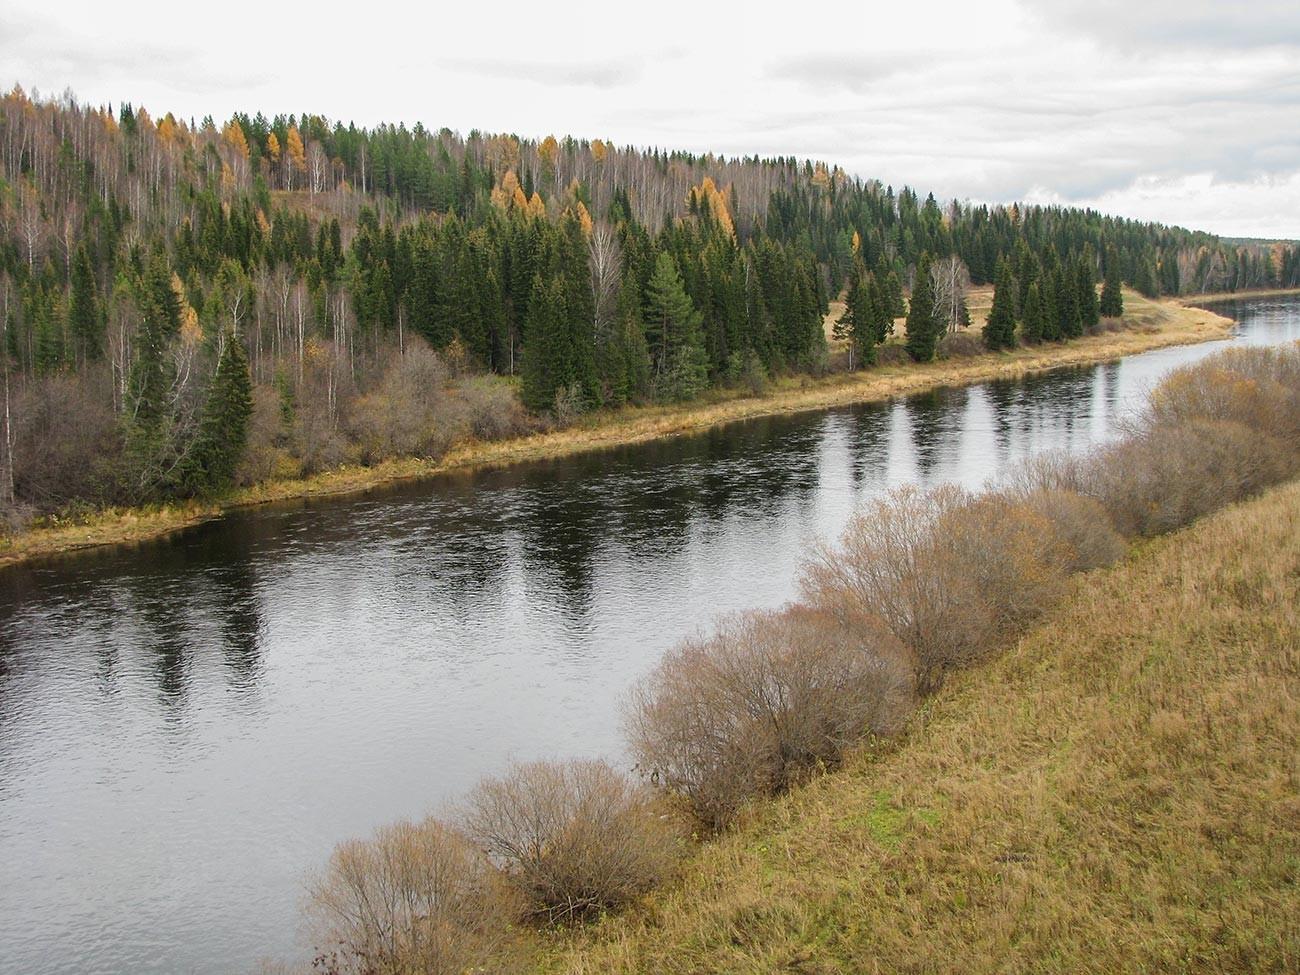 Il fiume Ukhta, dove sono stati scoperti depositi di petrolio